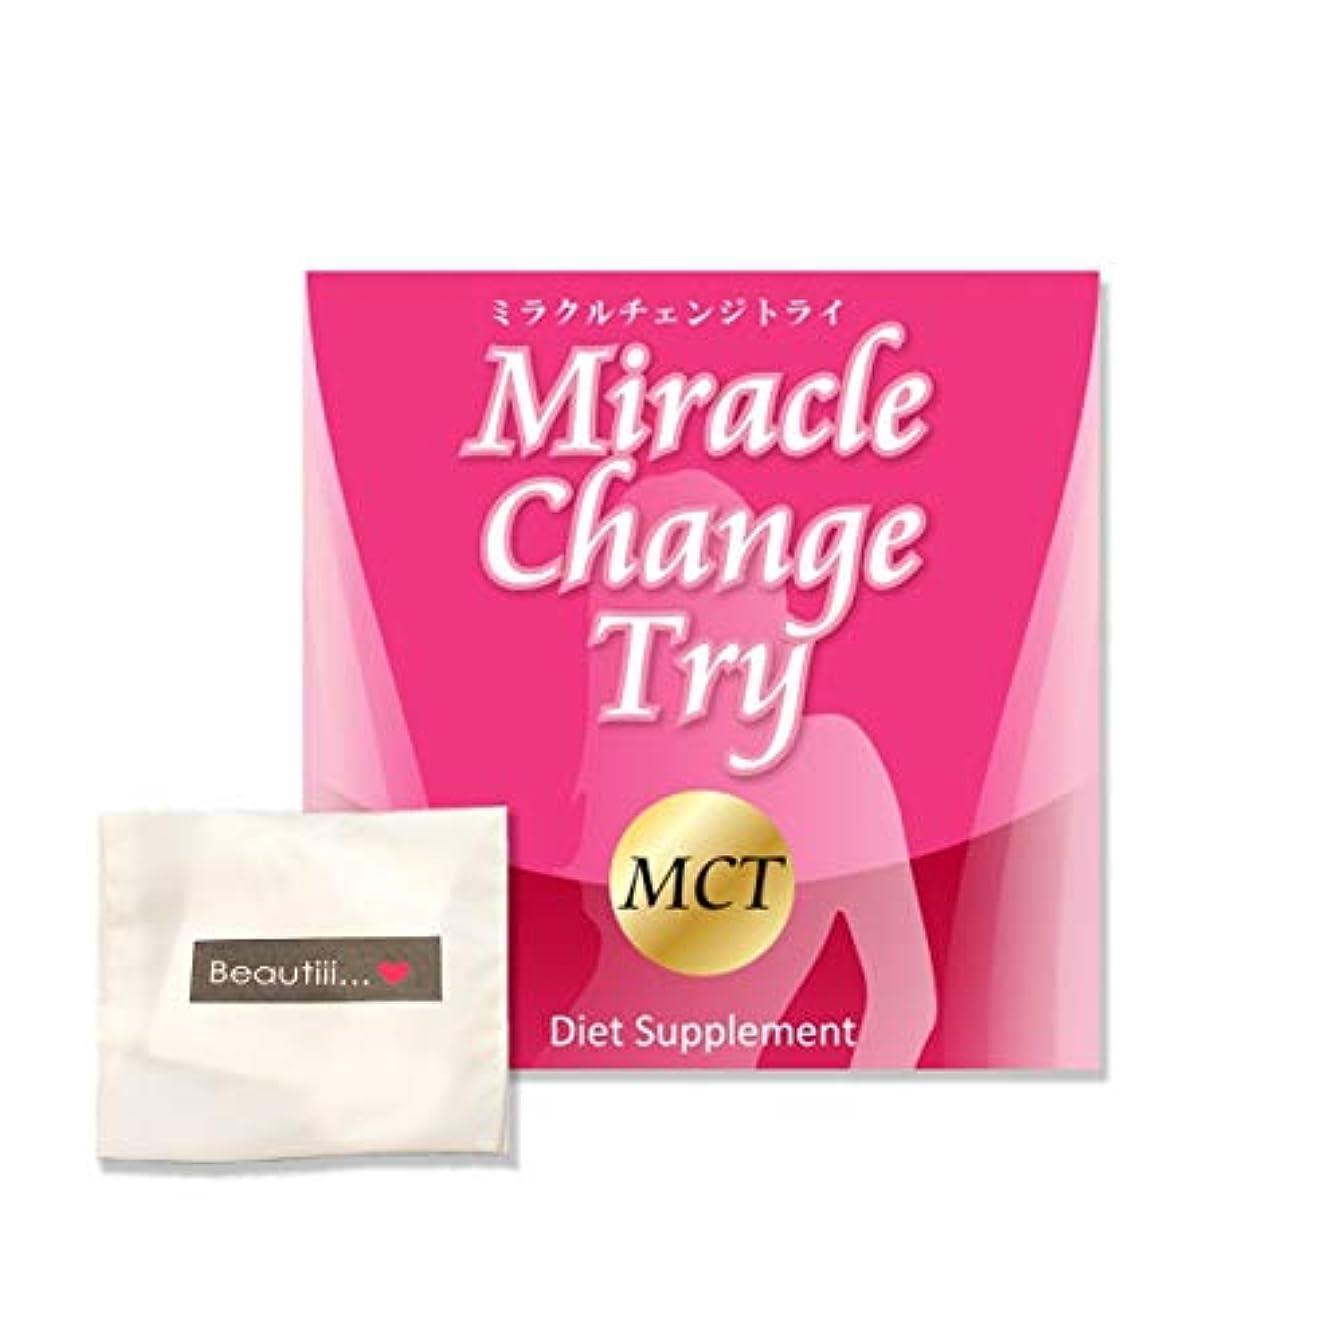 シュガー違う悲しみBeautiiiセット & Miracle Change Try ミラクルチェンジトライ 60粒【ギフトセット】SNSで話題!大人気!